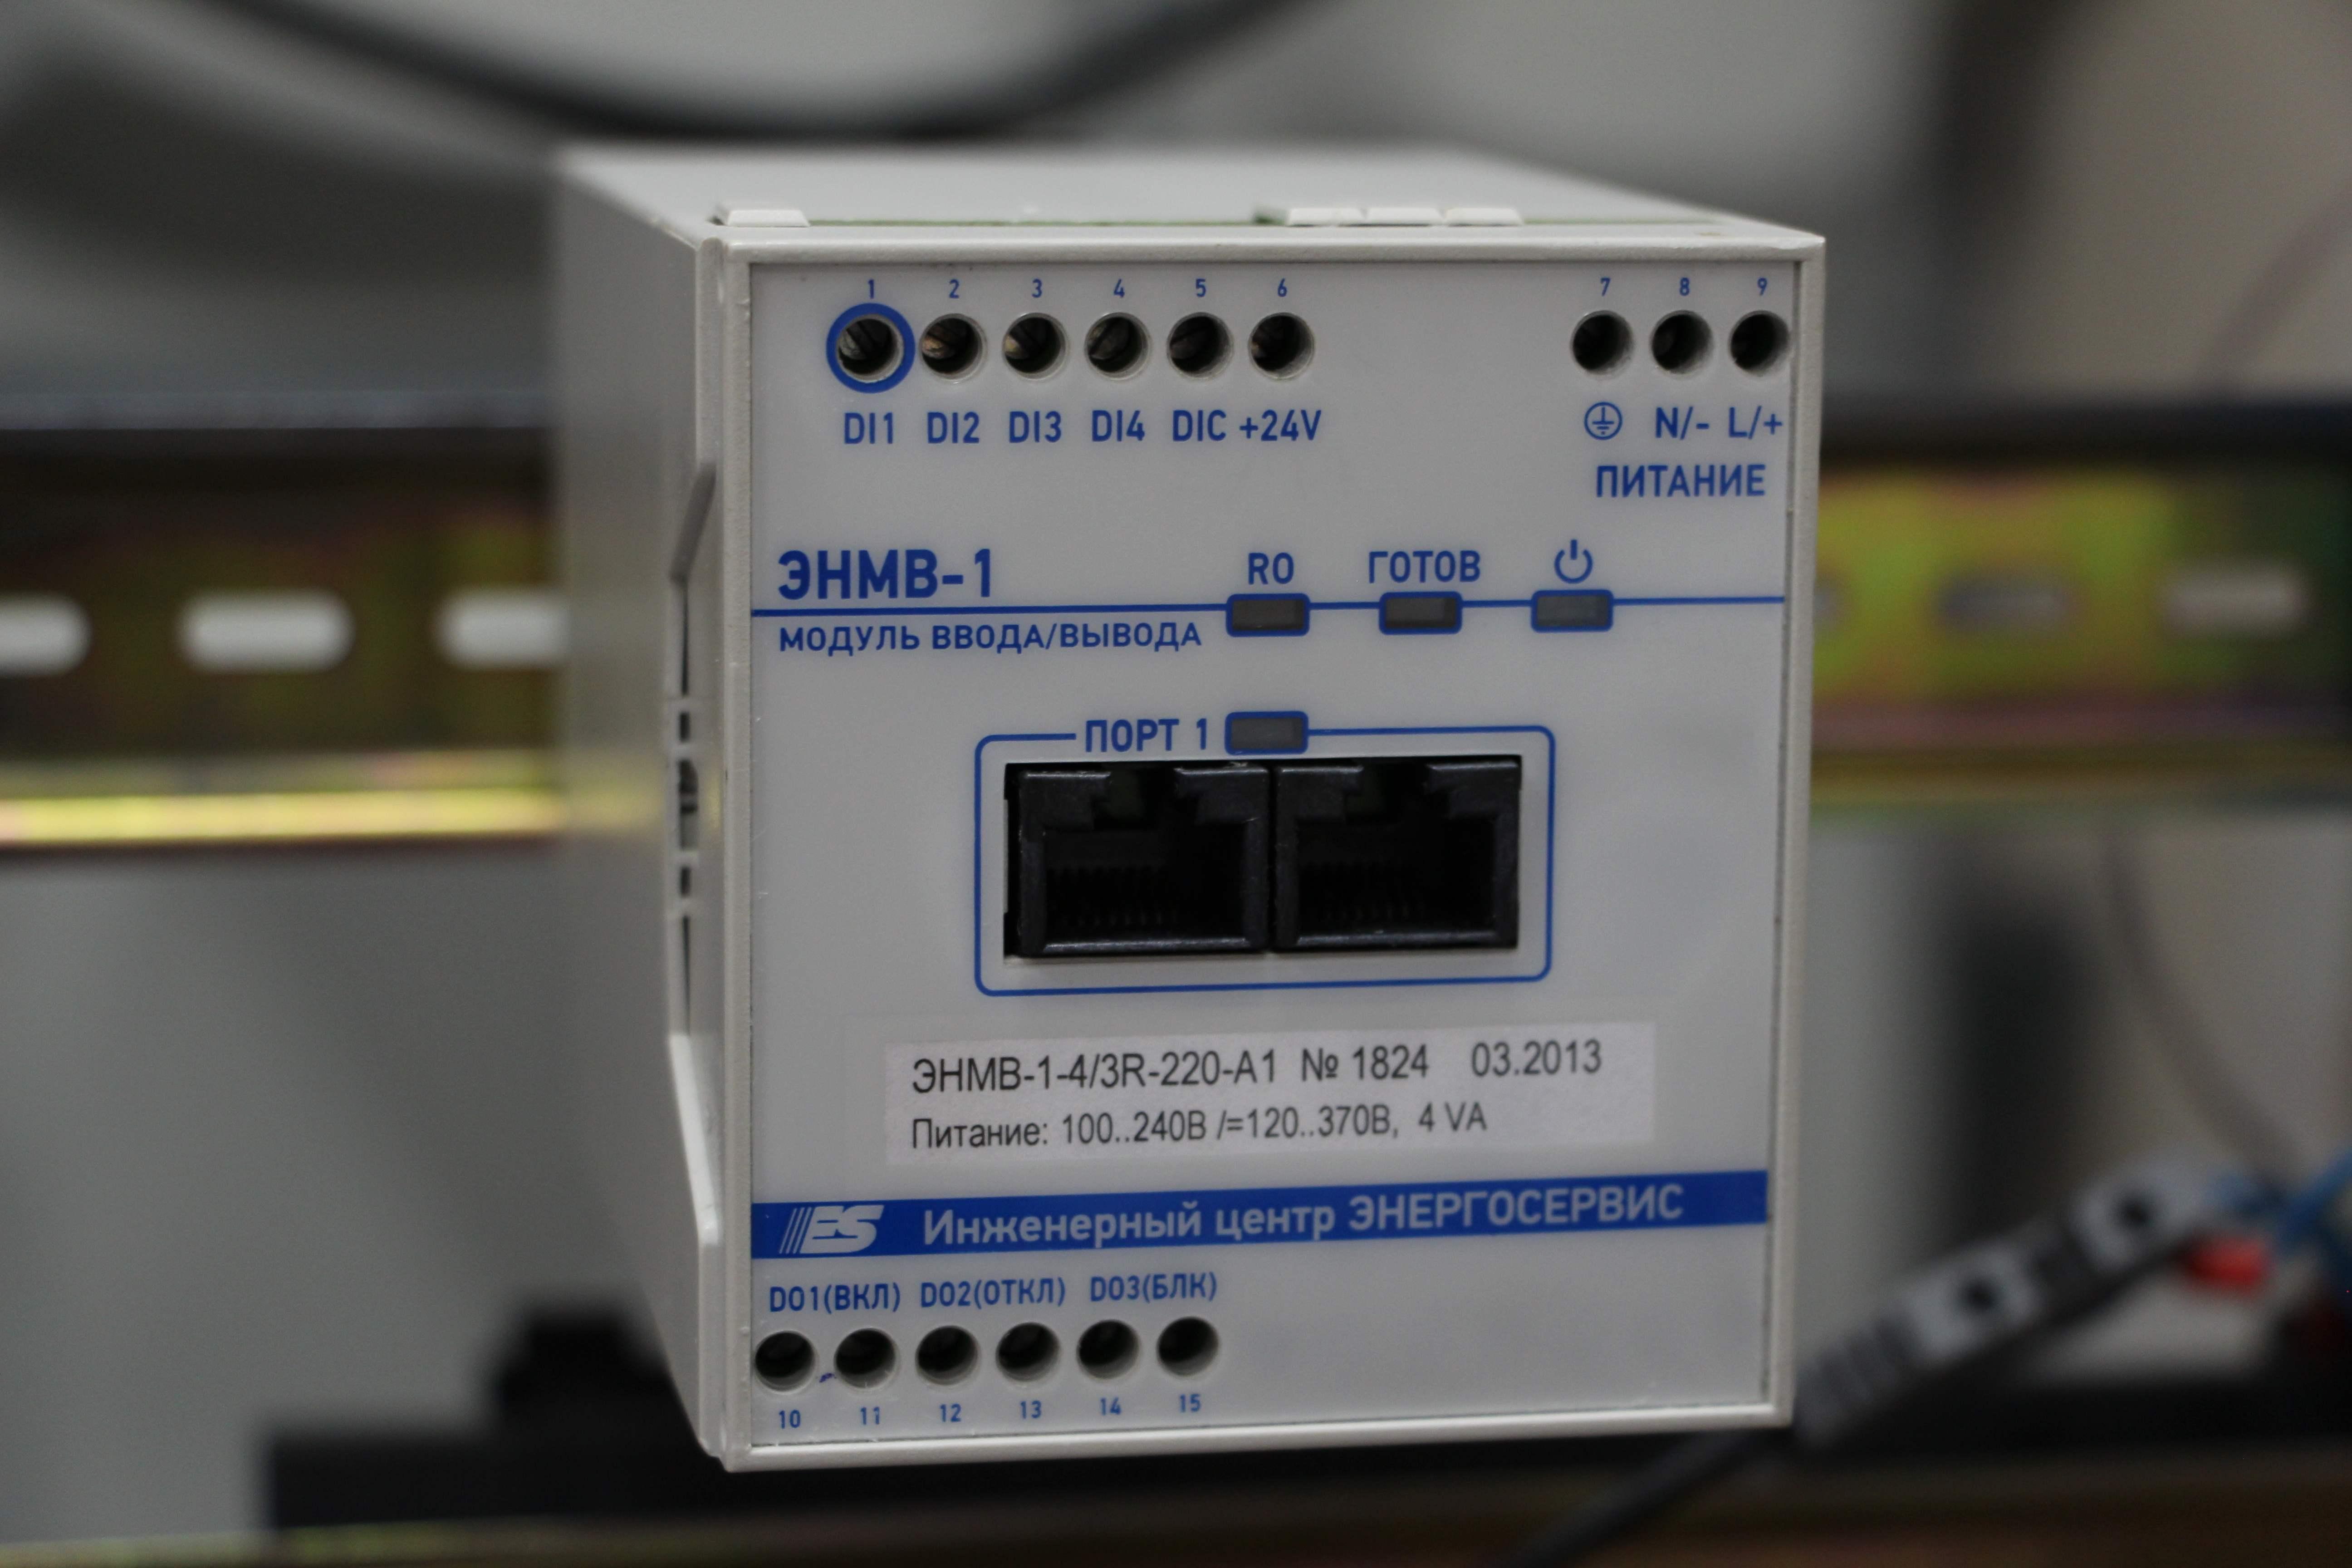 Рис. 2. Лицевая панель ЭНМВ-1